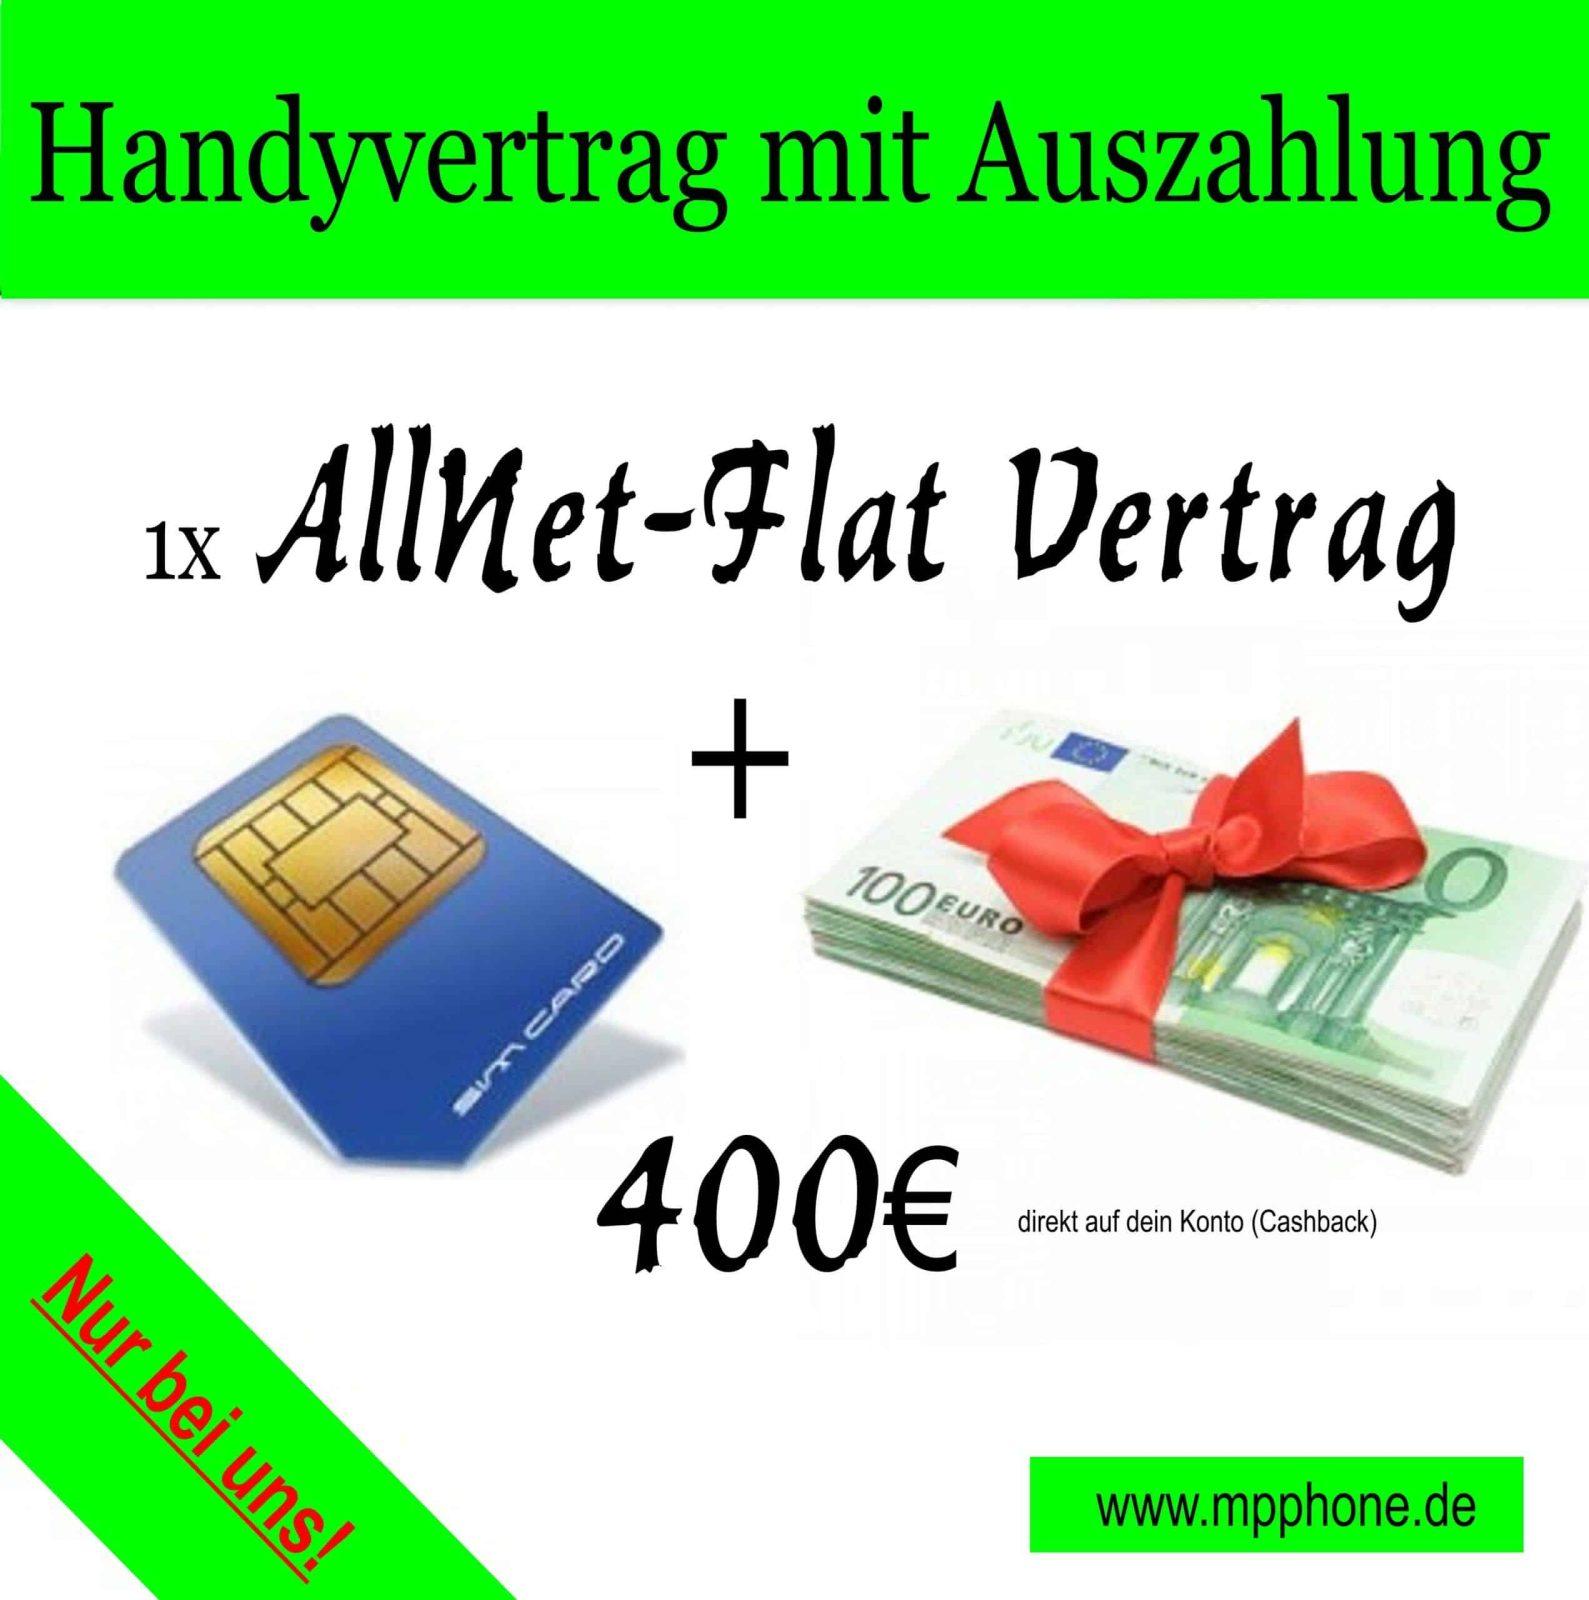 Handyvertrag mit 400€ Auszahlung